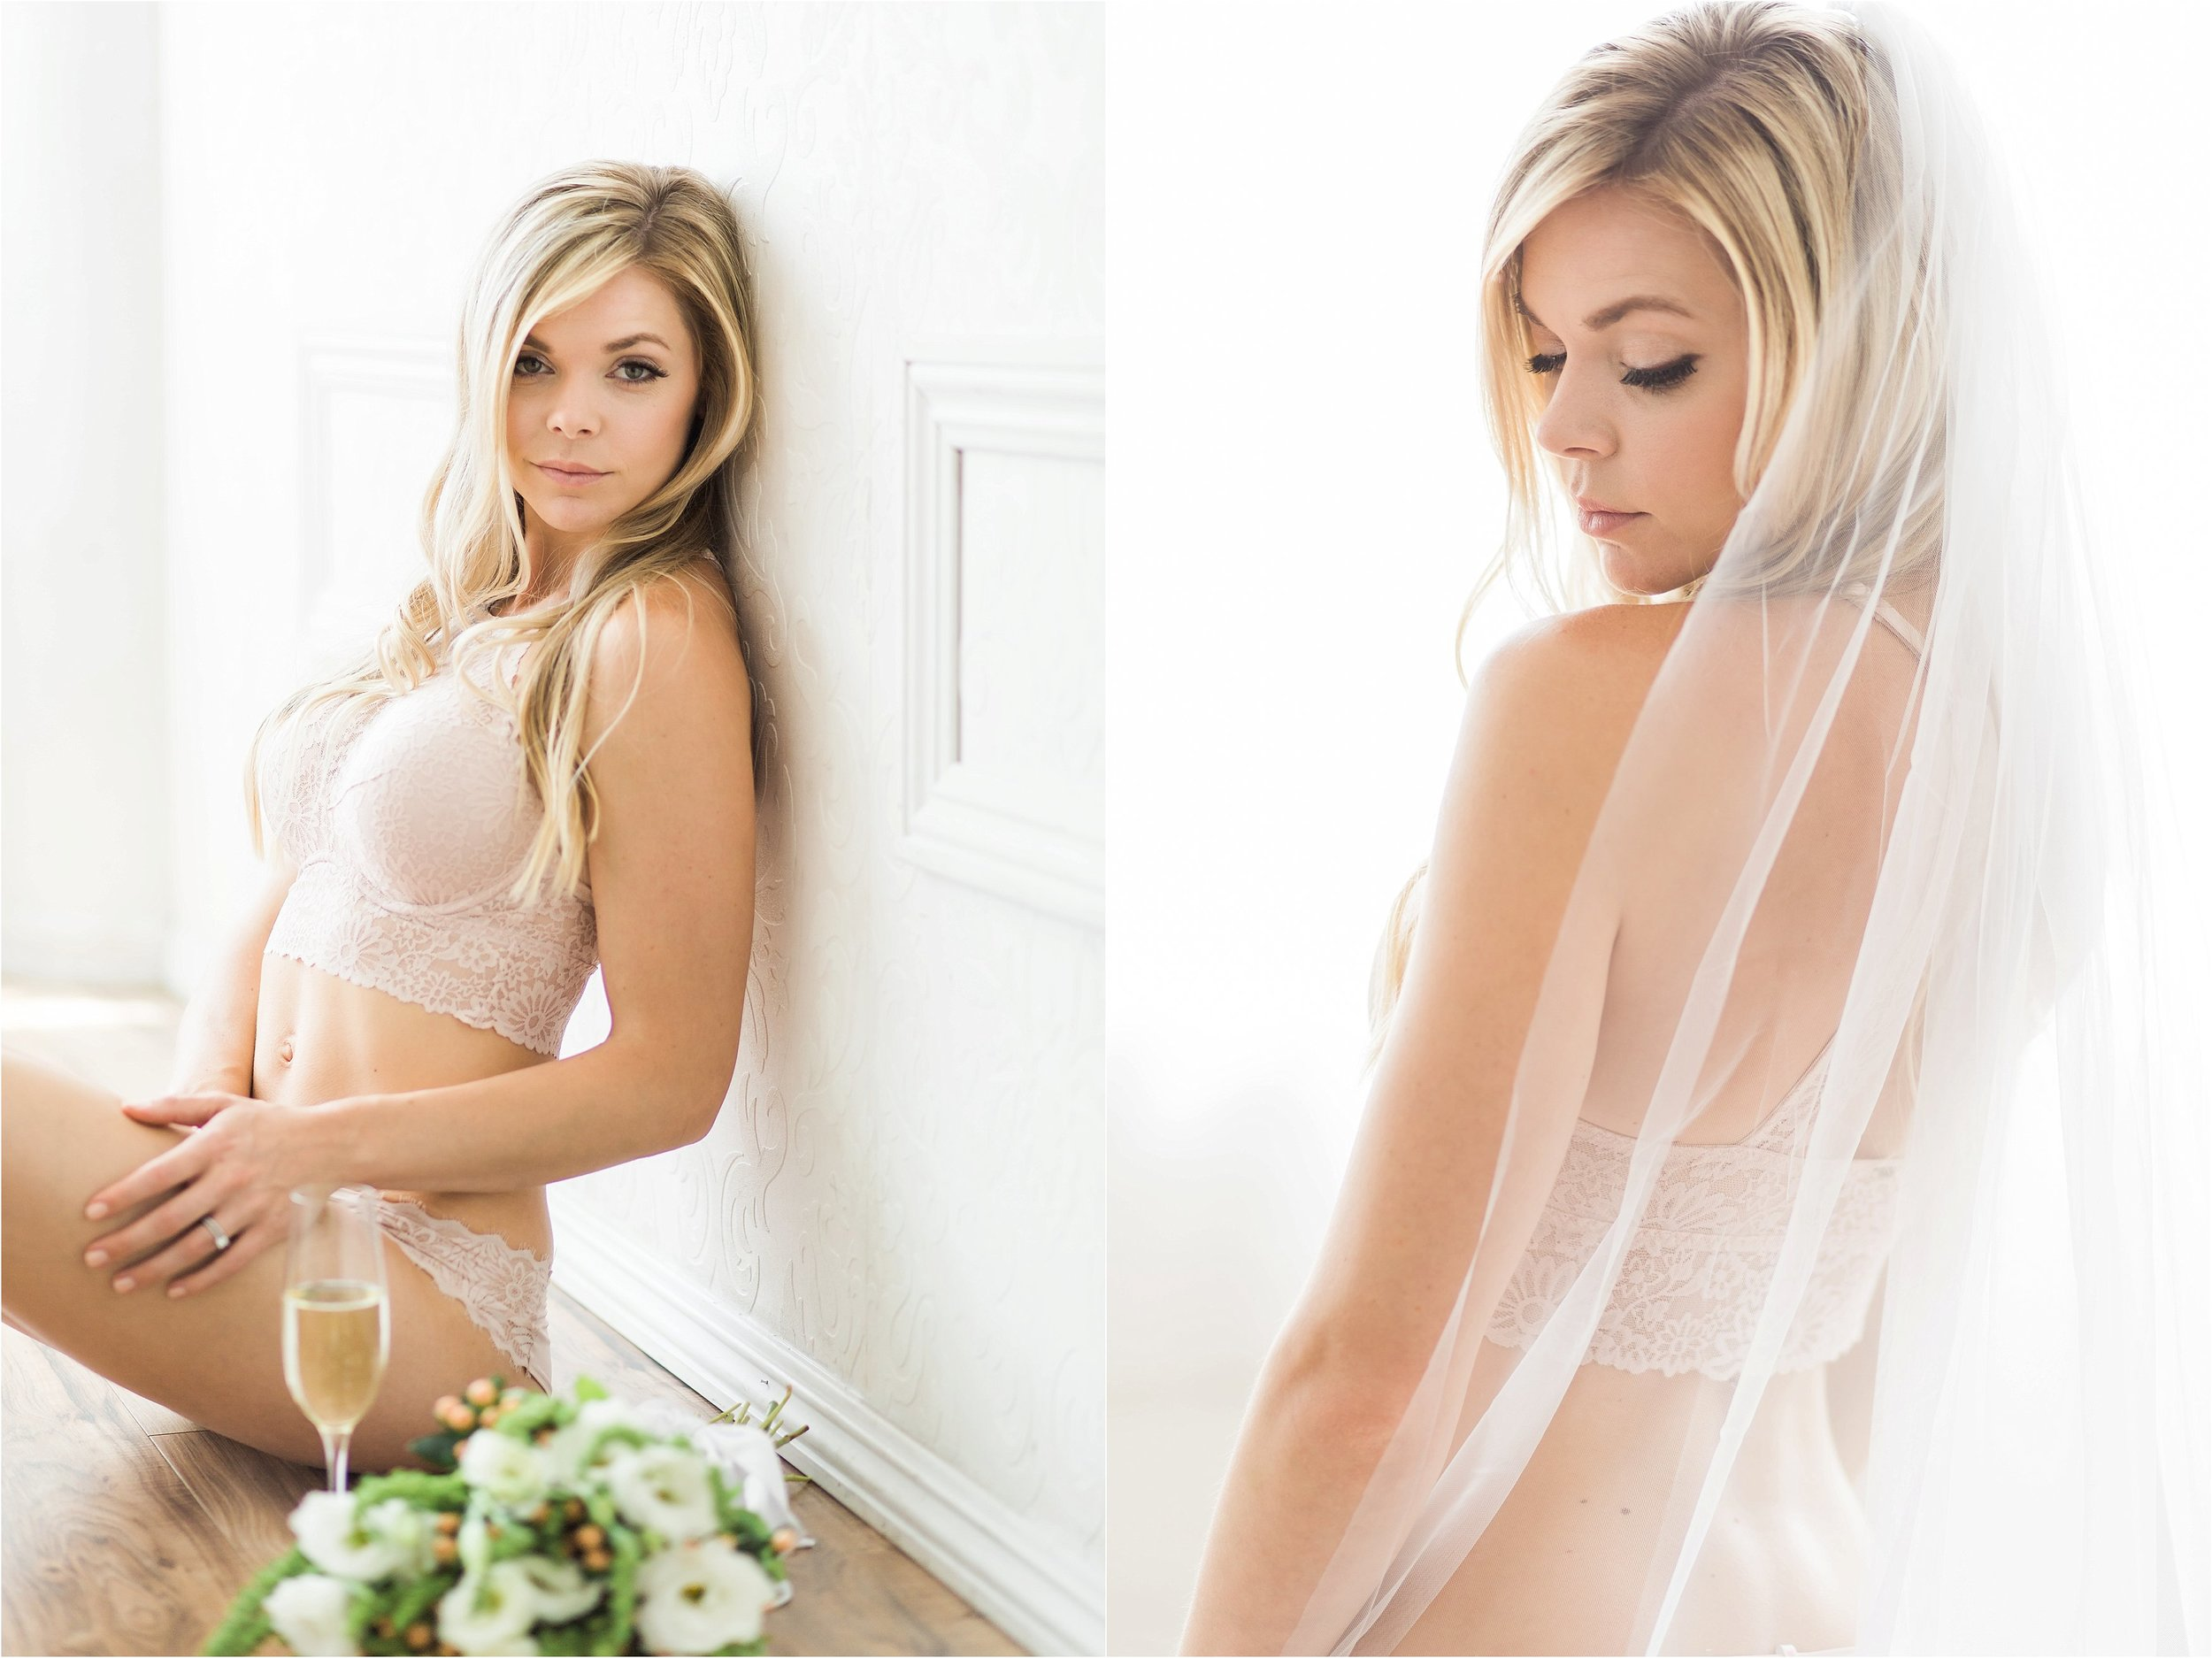 Los Angeles Bridal Boudoir_0022.jpg